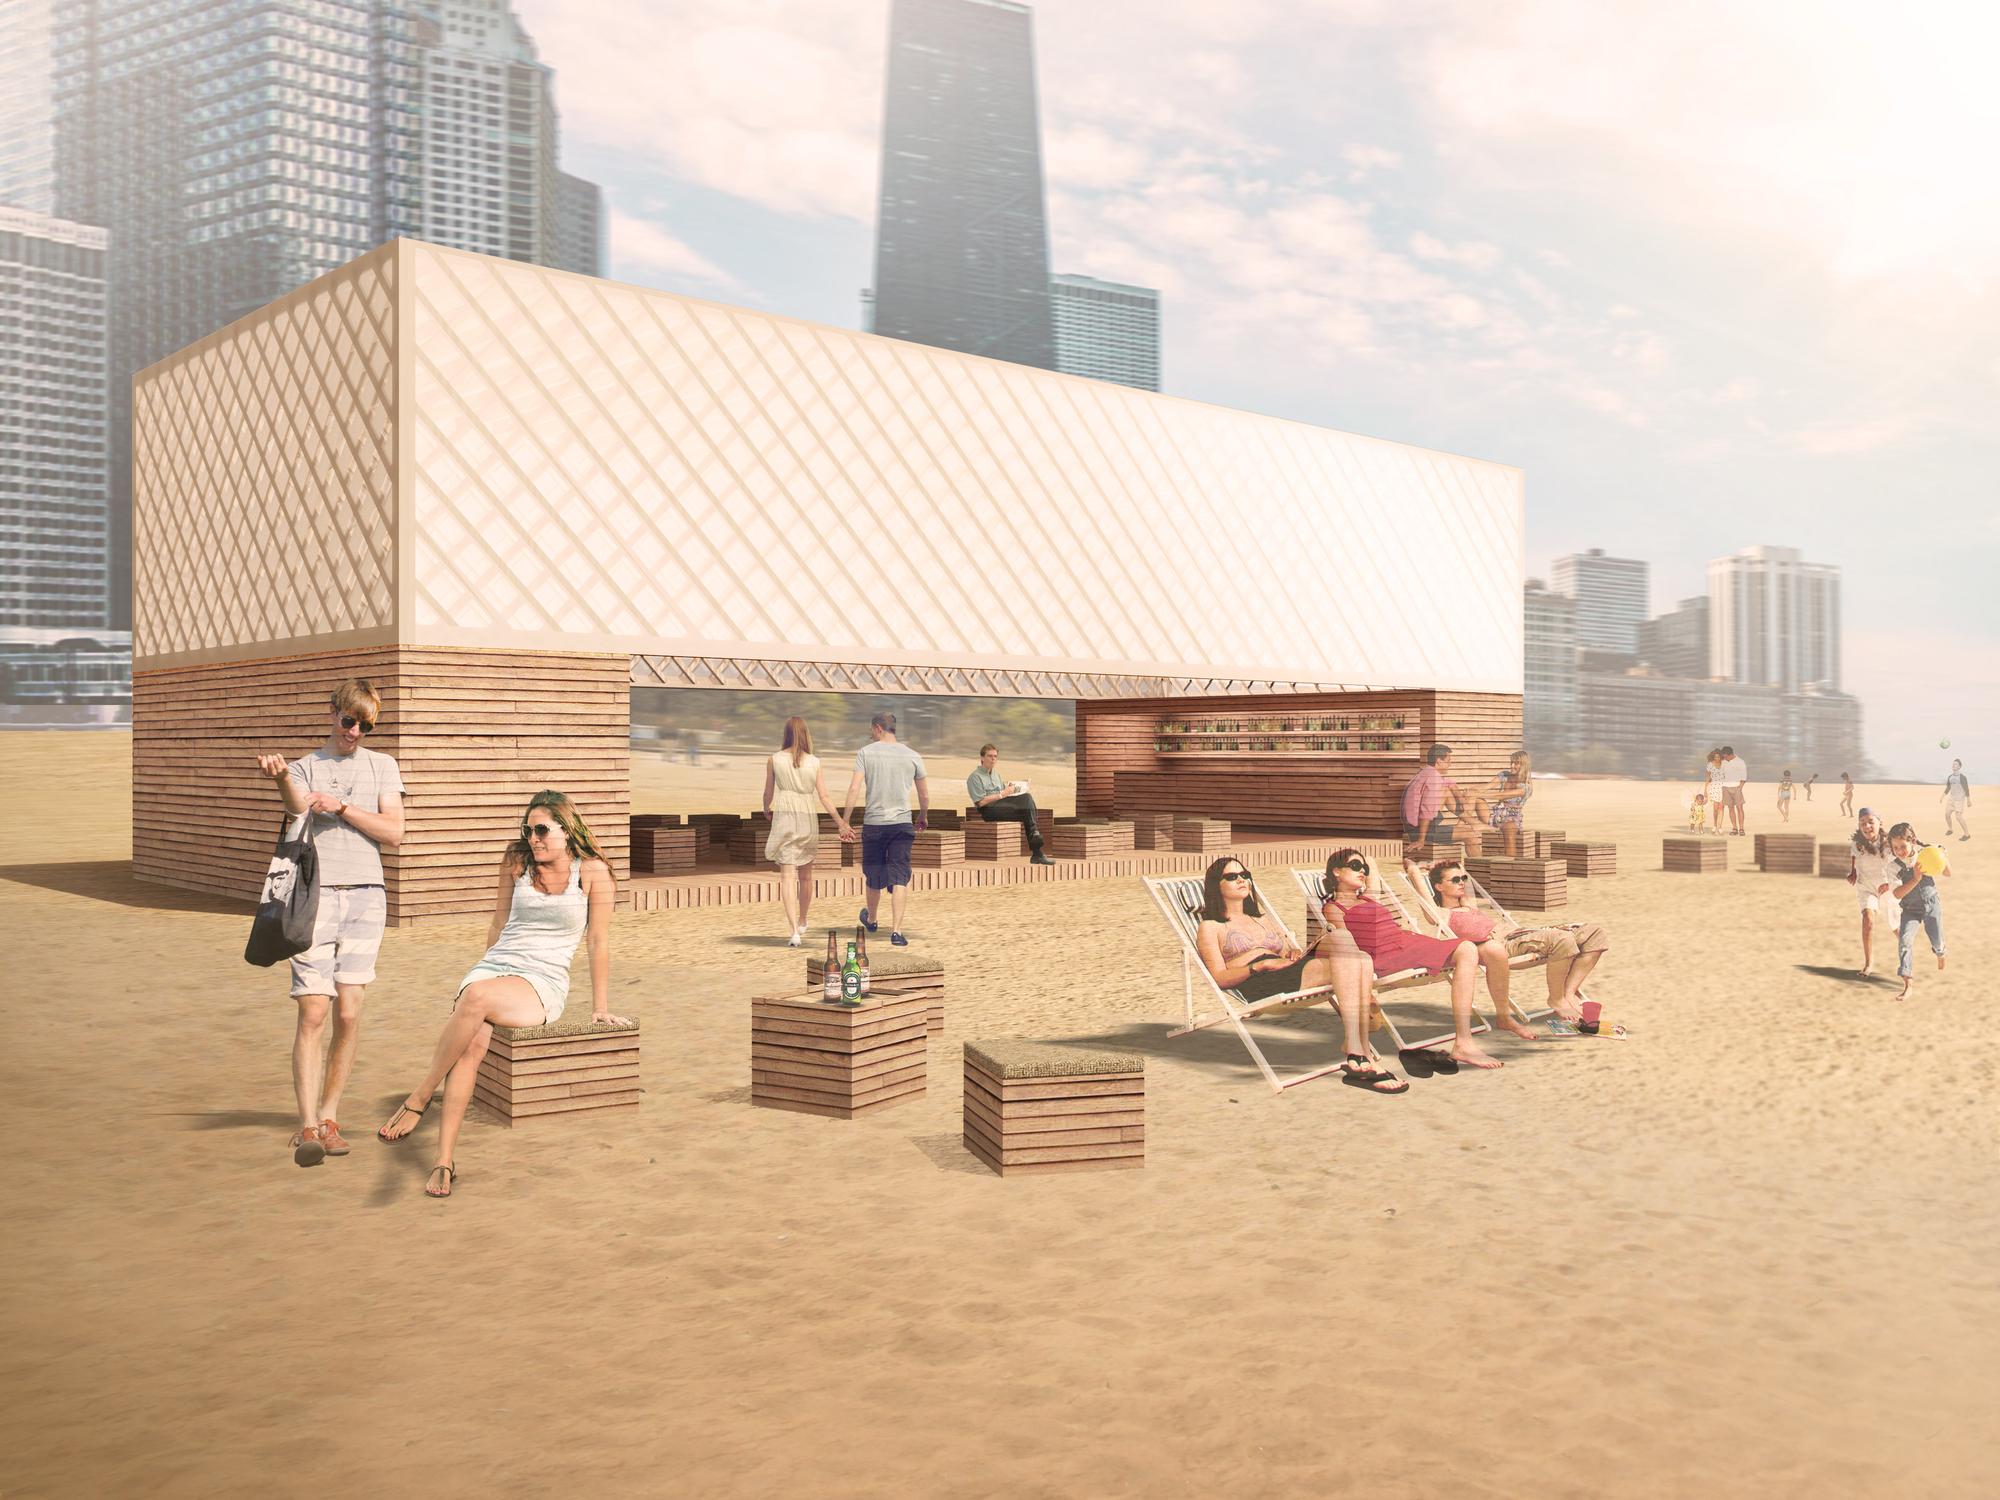 Chicago Architecture Biennial Announces Lakefront Kiosk